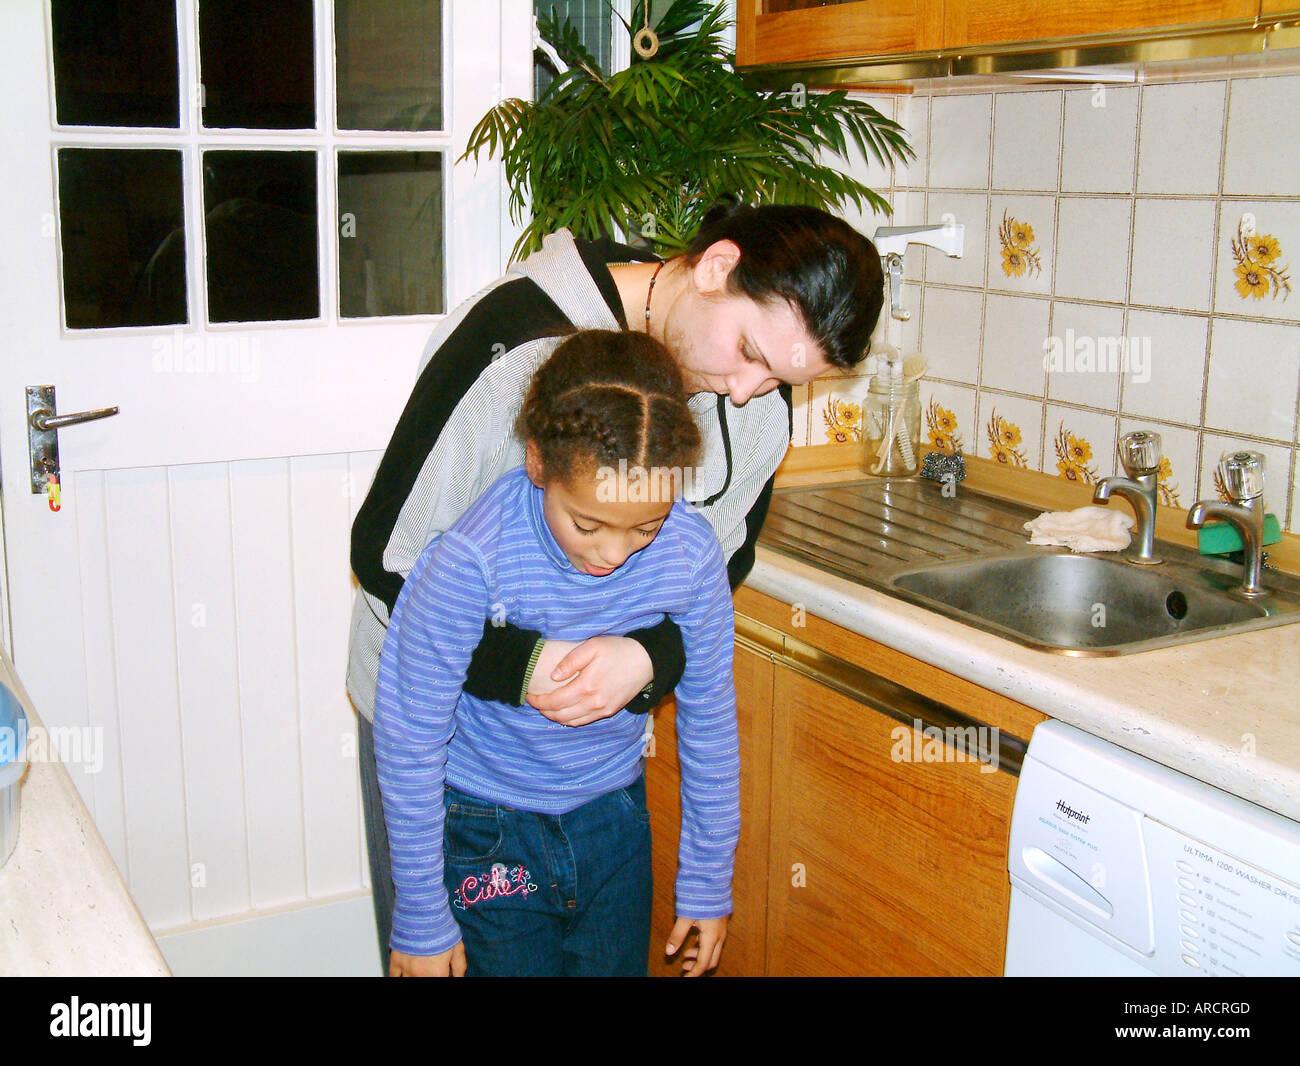 Choking - Heimlich manoeuvre - Stock Image